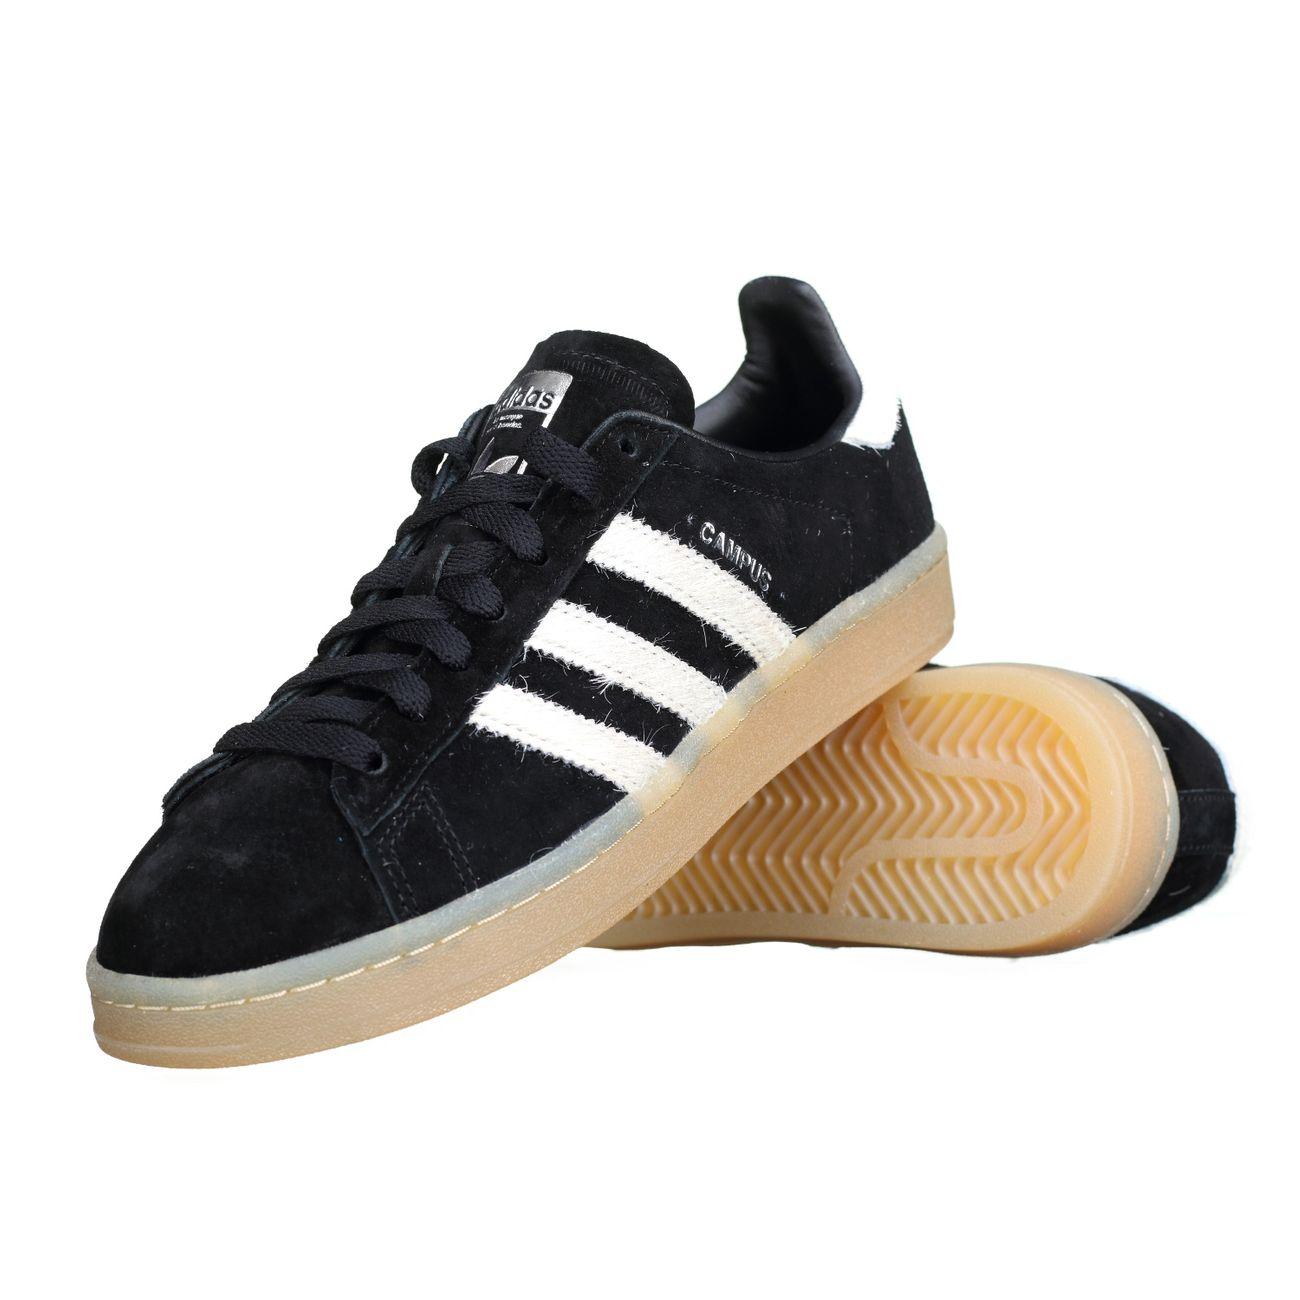 basket adidas campus bz70071 noir achat et prix pas cher go sport. Black Bedroom Furniture Sets. Home Design Ideas